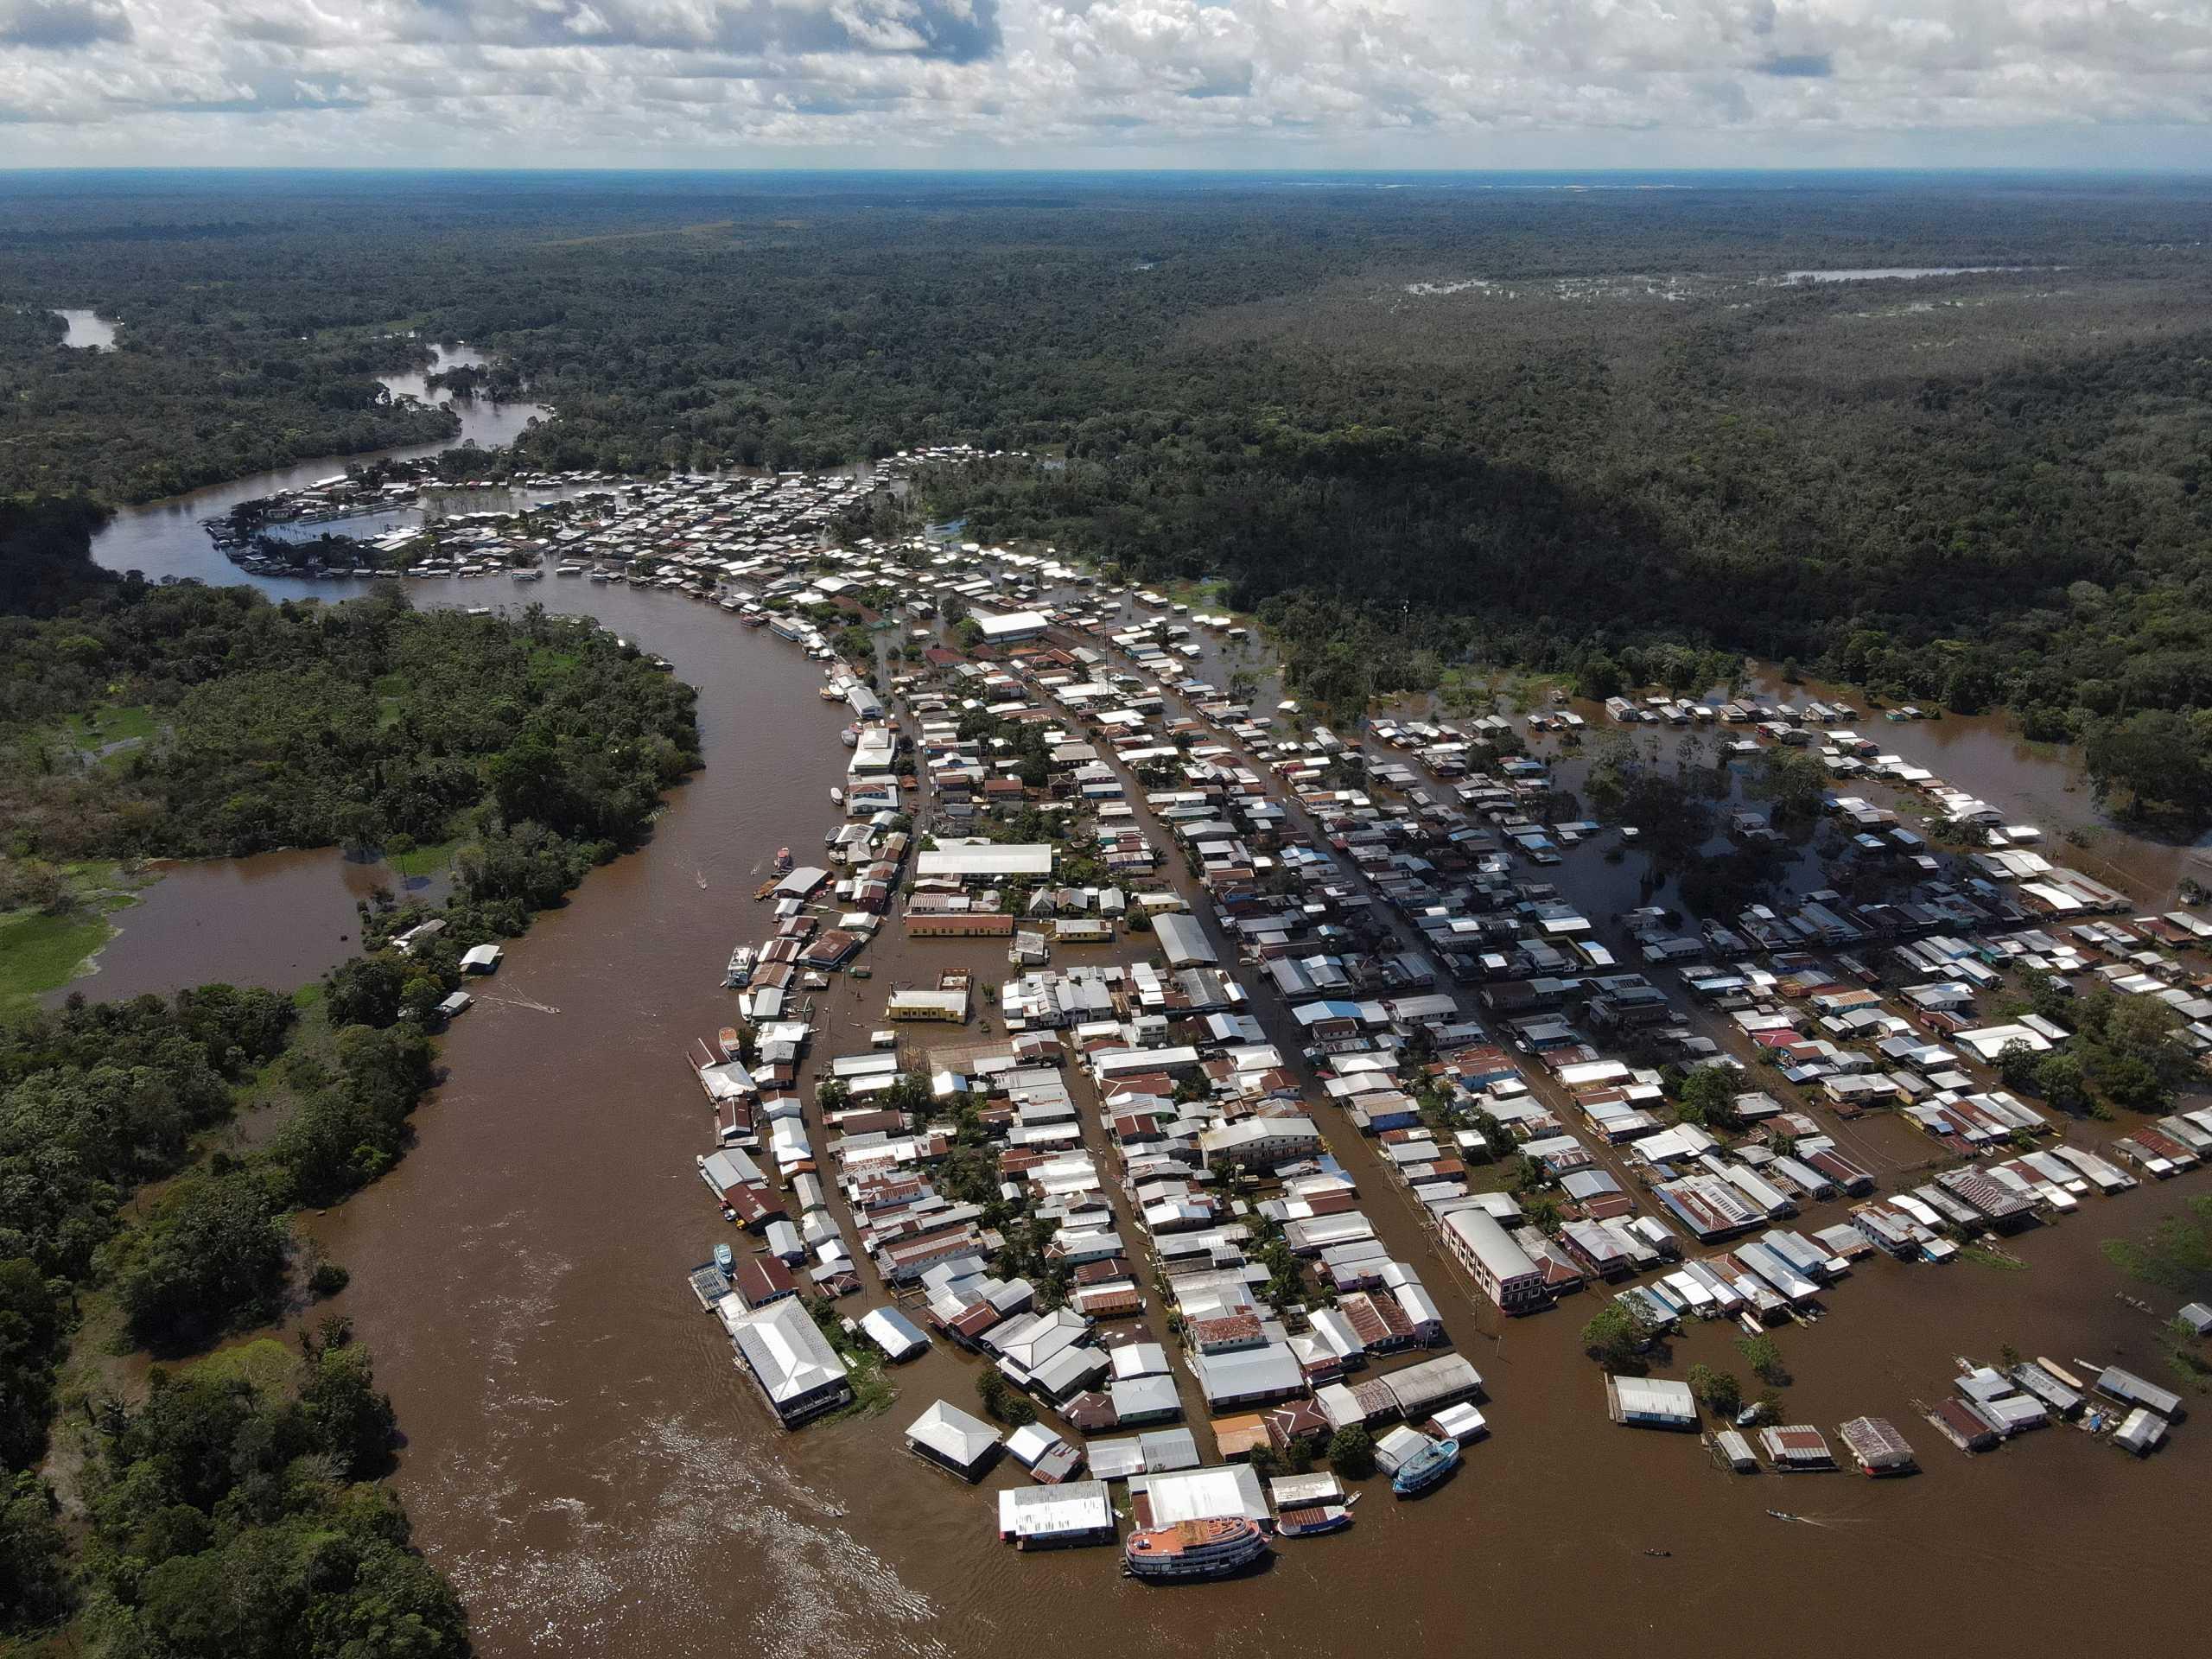 Καταστροφικές πλημμύρες στο Μανάους – Πάνω από 400.000 άνθρωποι έμειναν άστεγοι (pics)